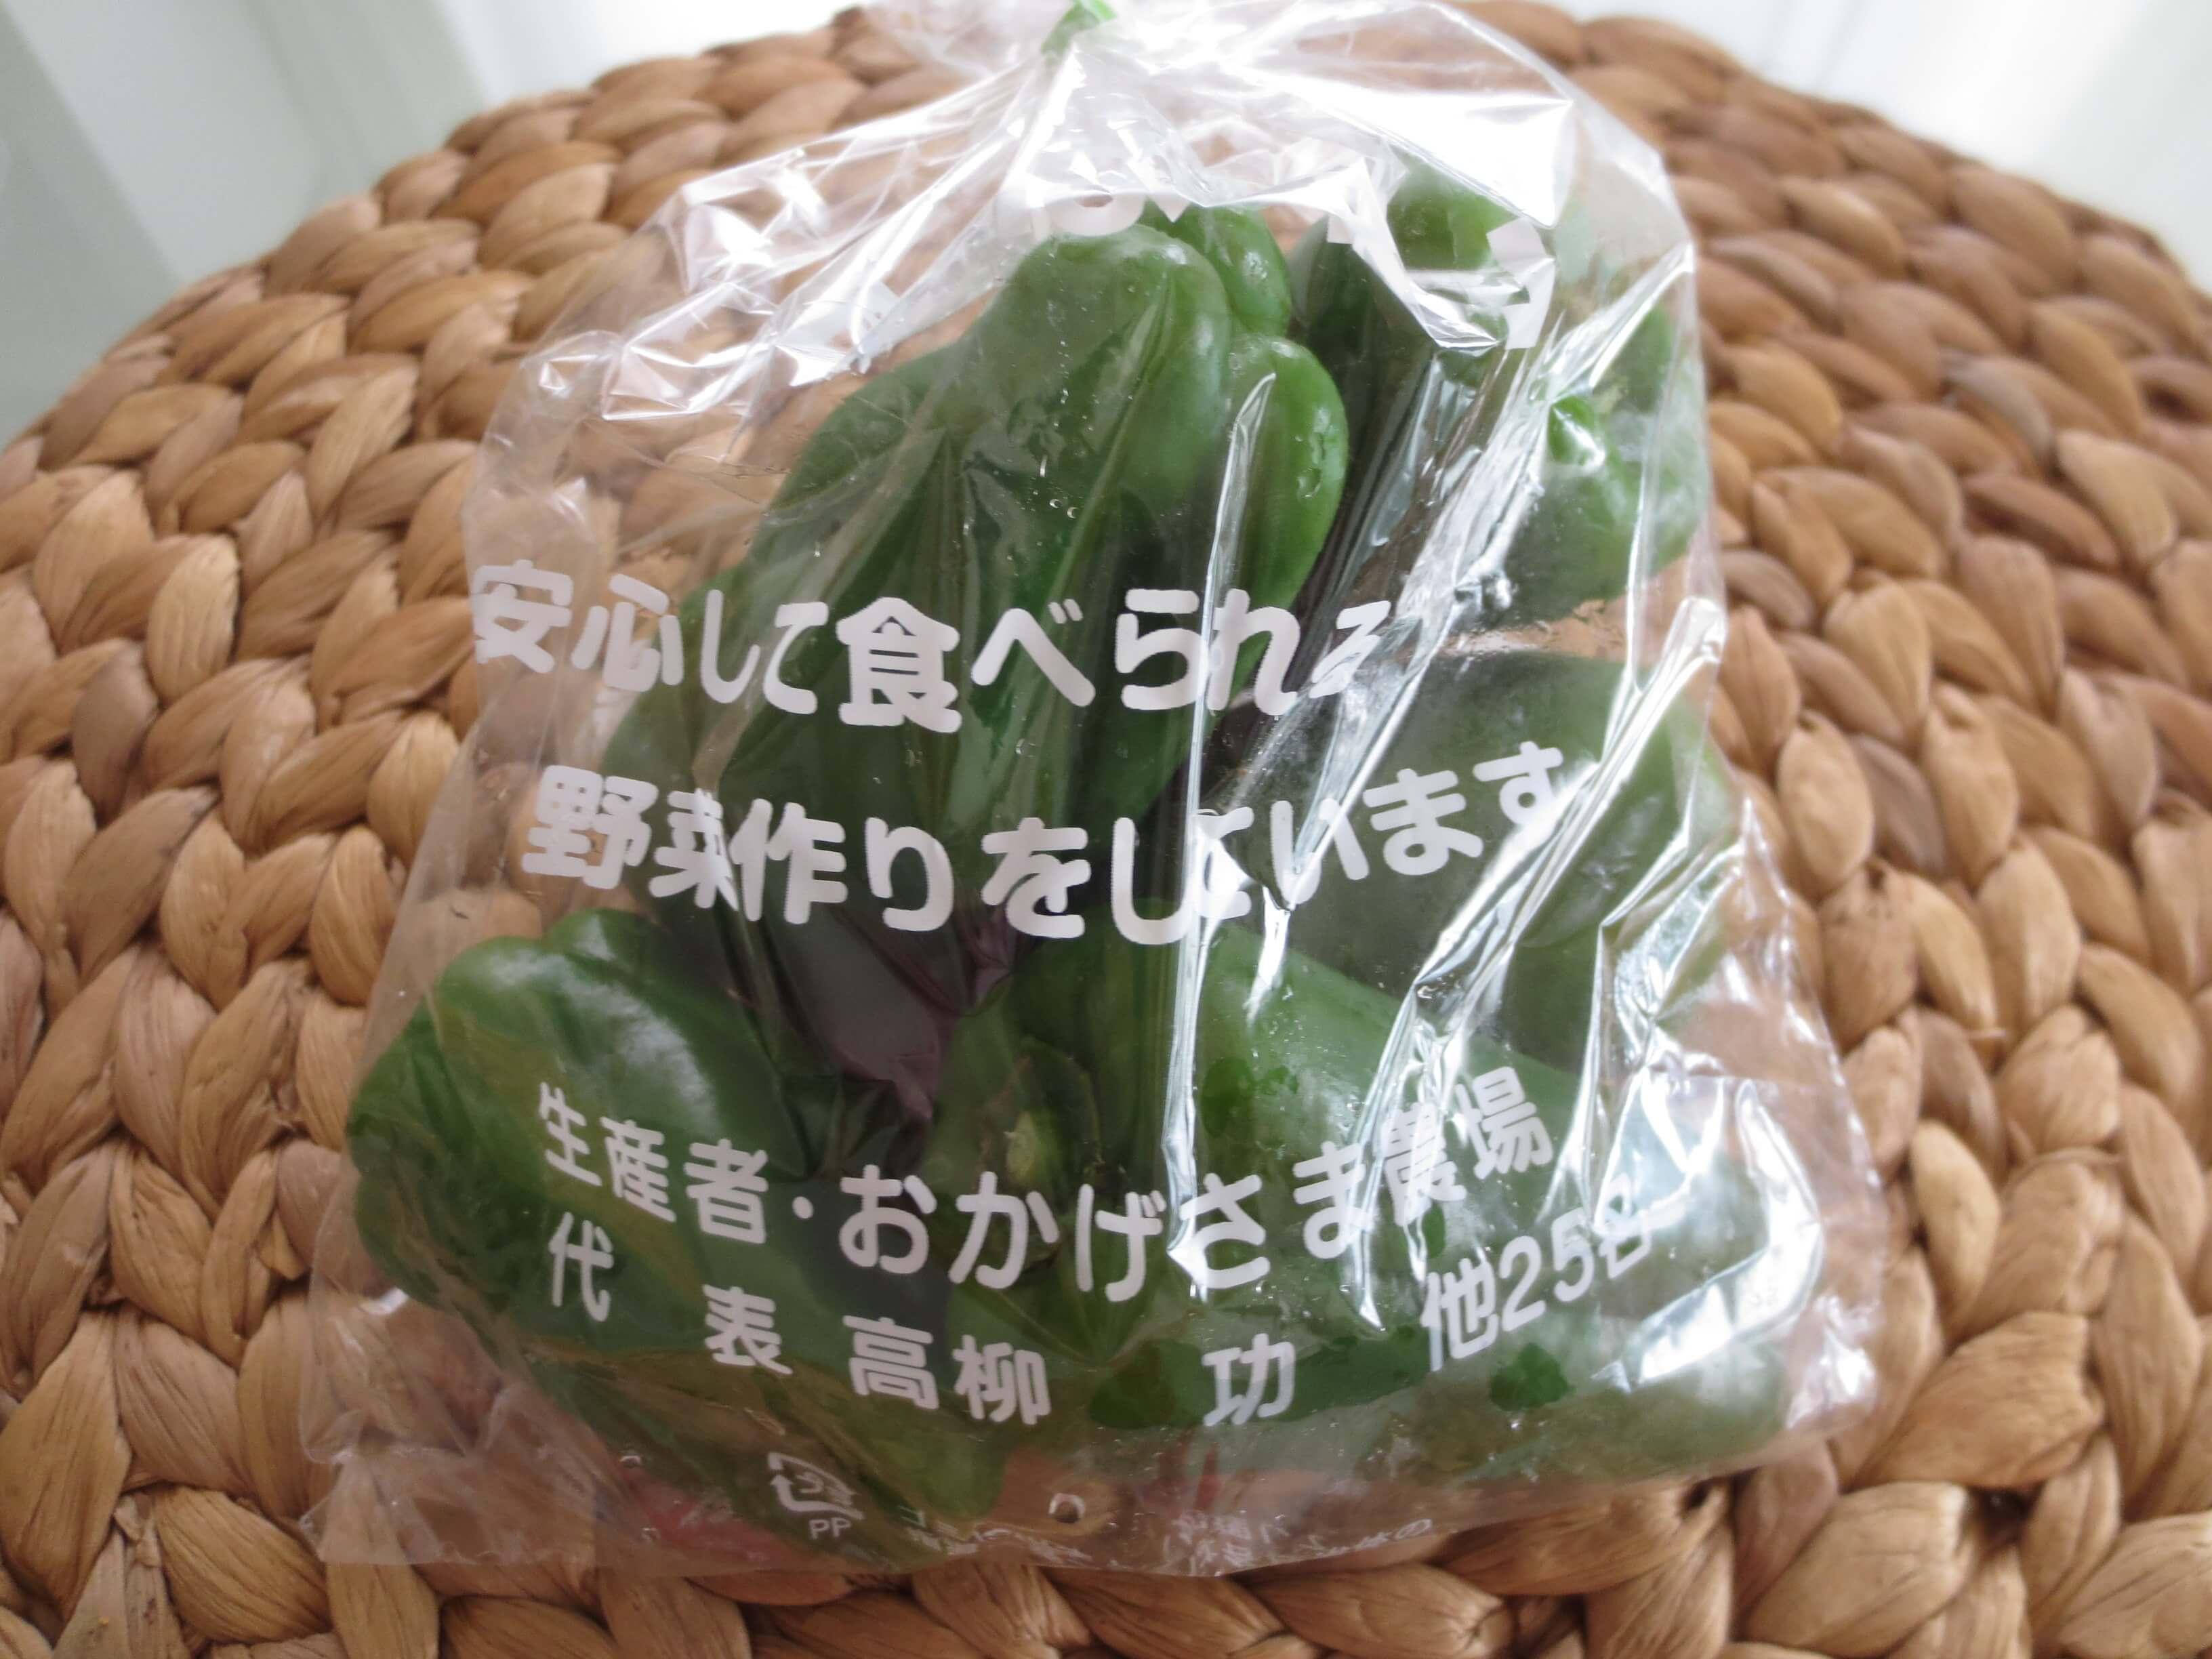 無農薬野菜のミレーお試しセット口コミ32